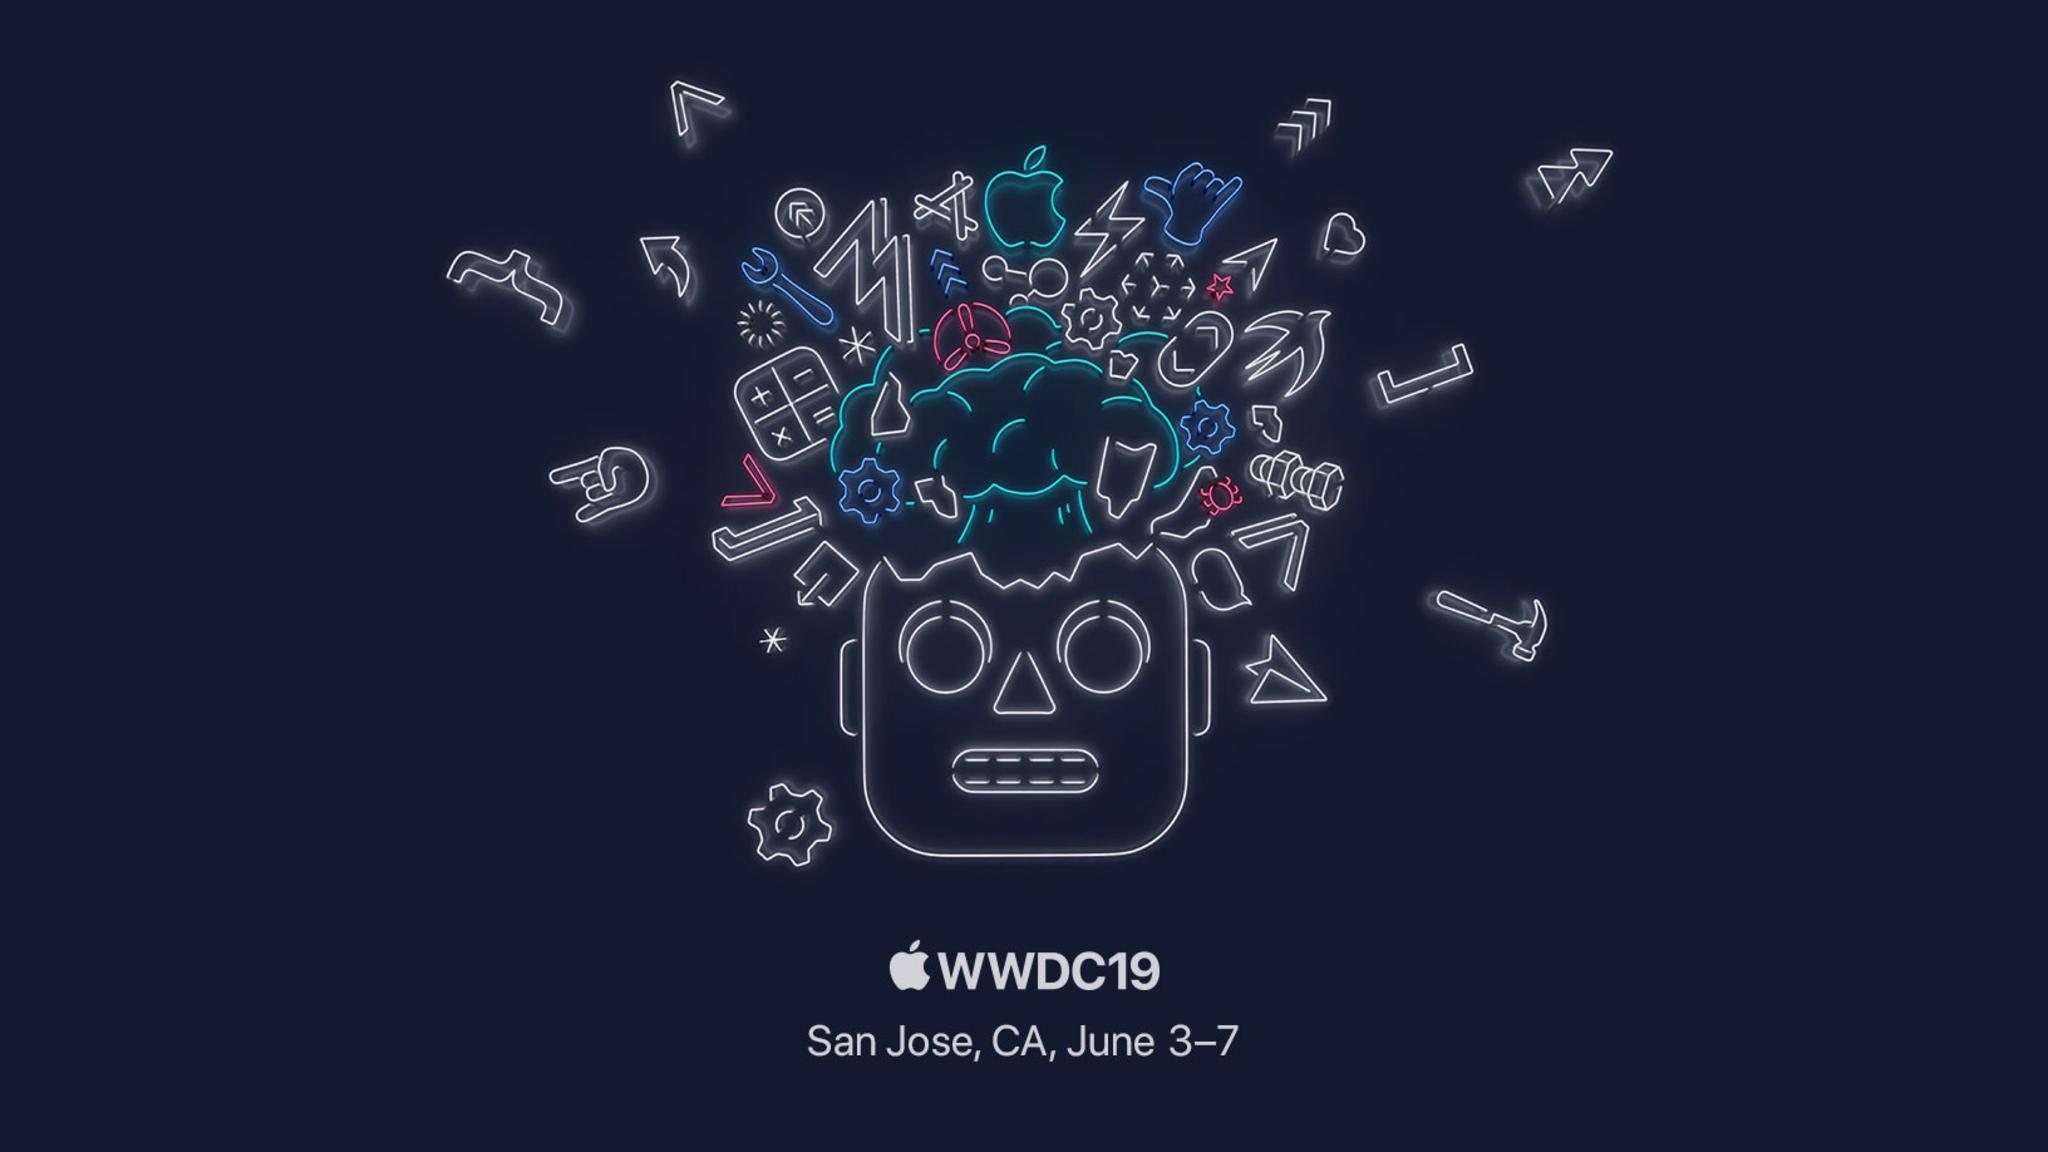 Entwickler können sich ab sofort für die Teilnahme an der WWDC 2019 registrieren.